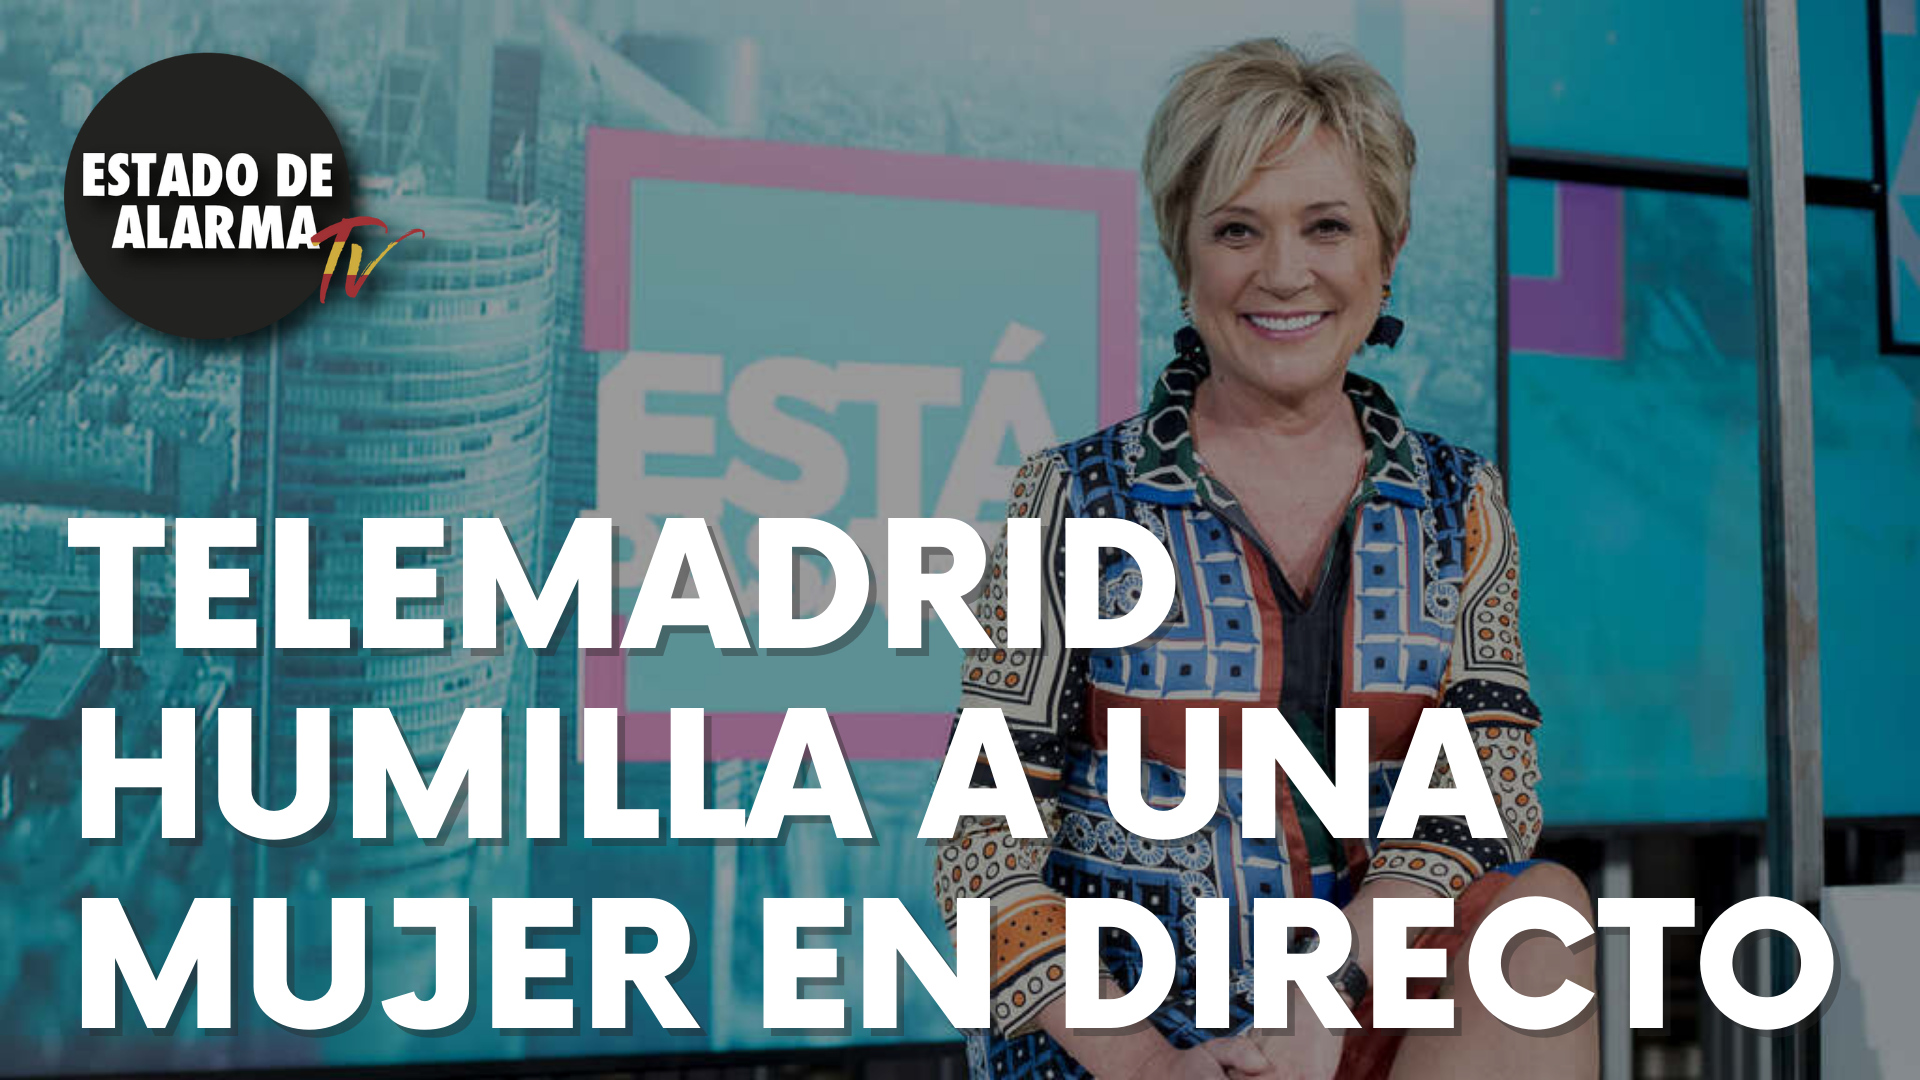 """Telemadrid humilla a una mujer en directo: """"Por 20 euros"""""""